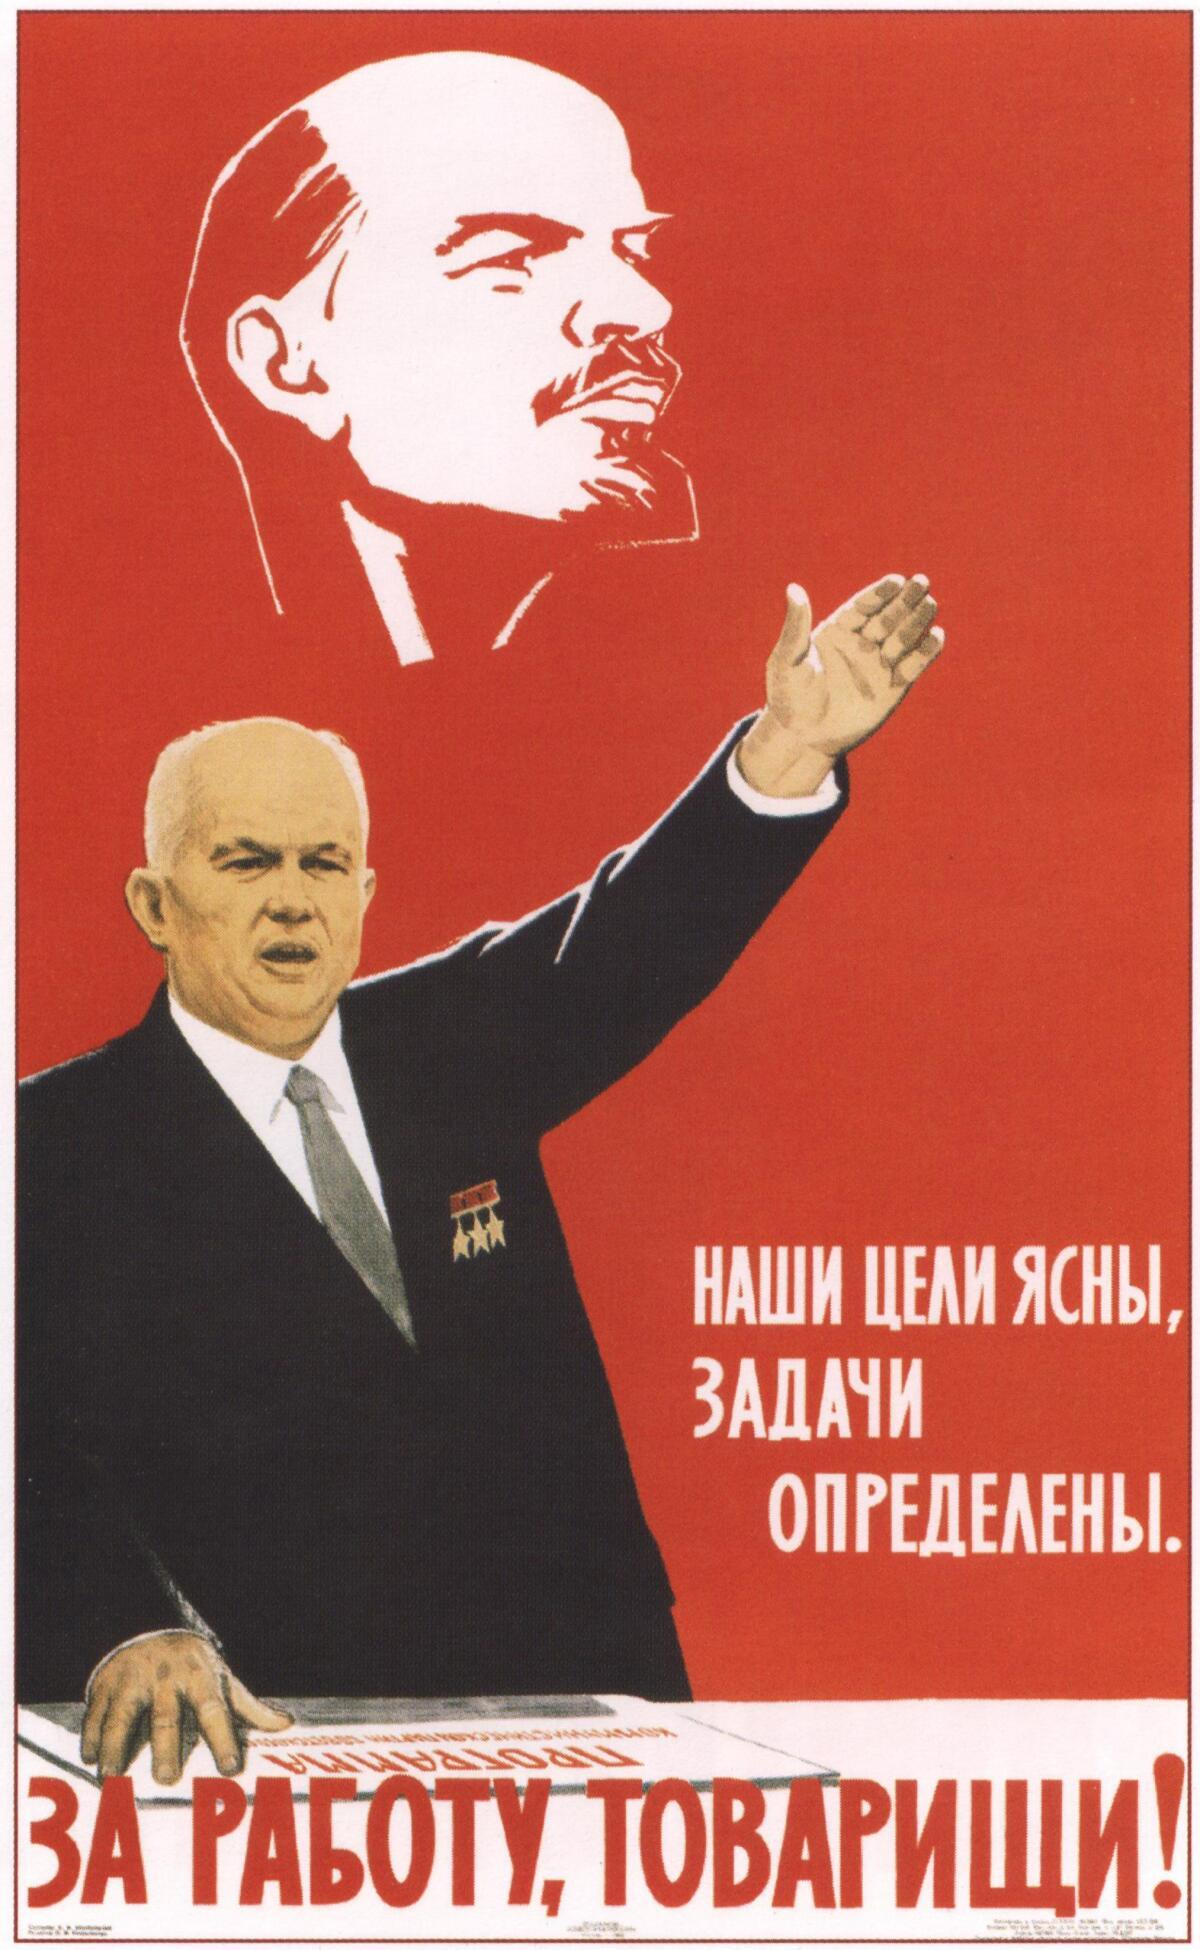 Плакат начала 1960-х годов